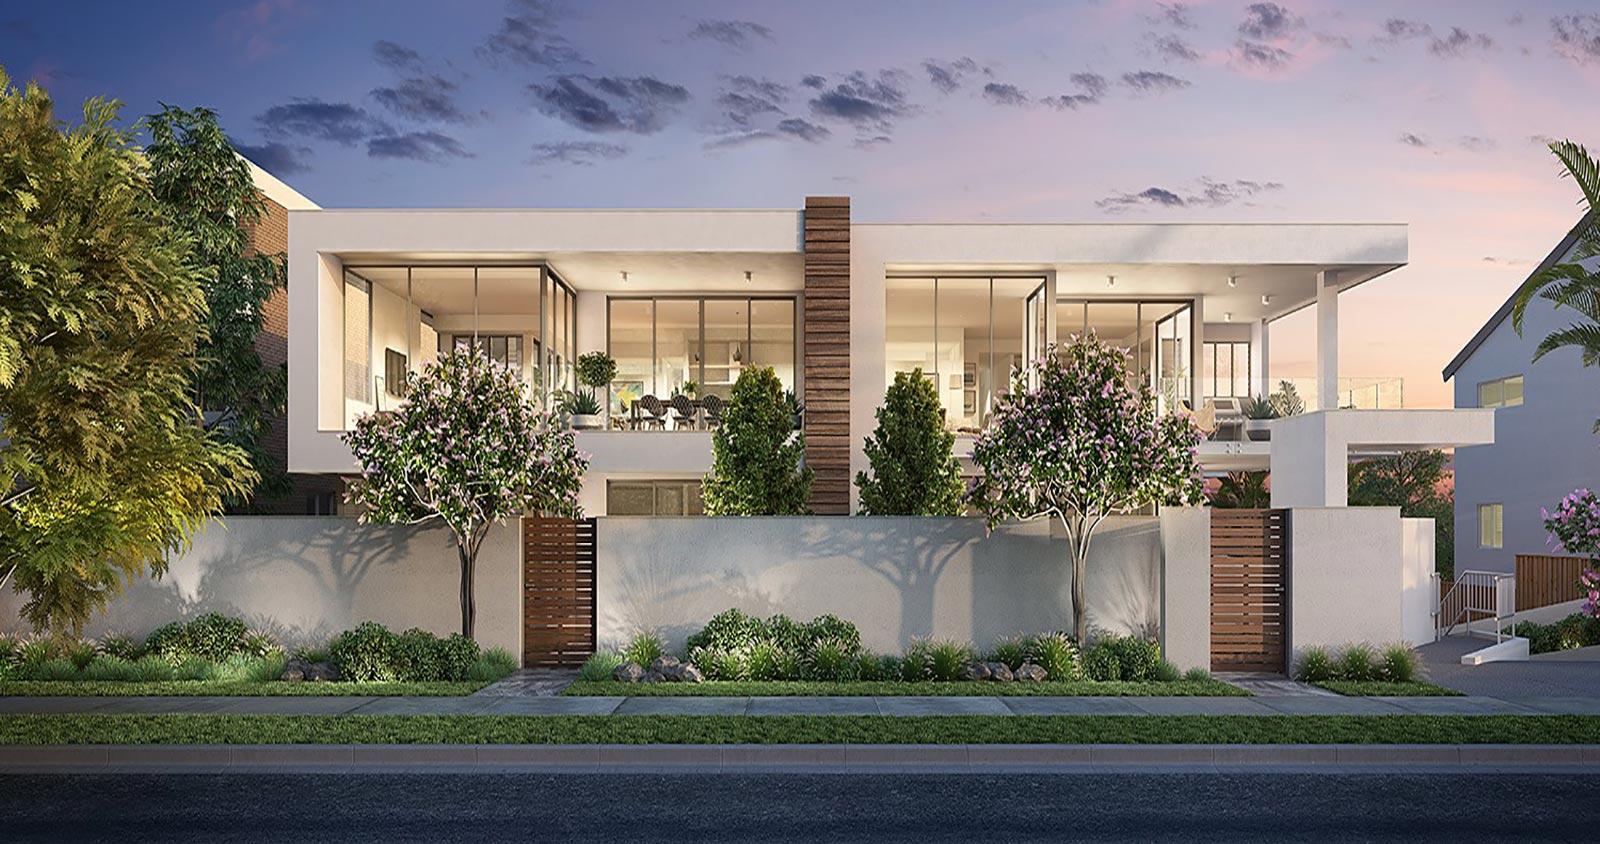 image-3 building Design v3